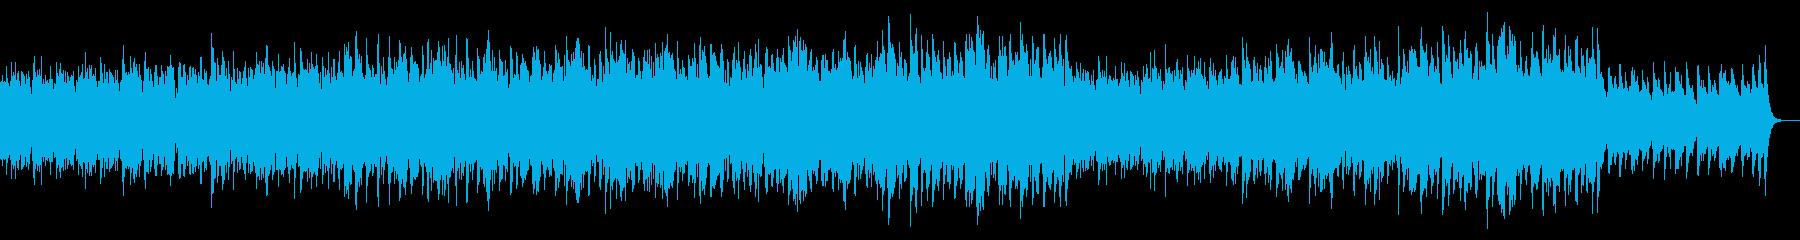 ケルト風ポップオーケストラ:ピアノ&弦の再生済みの波形